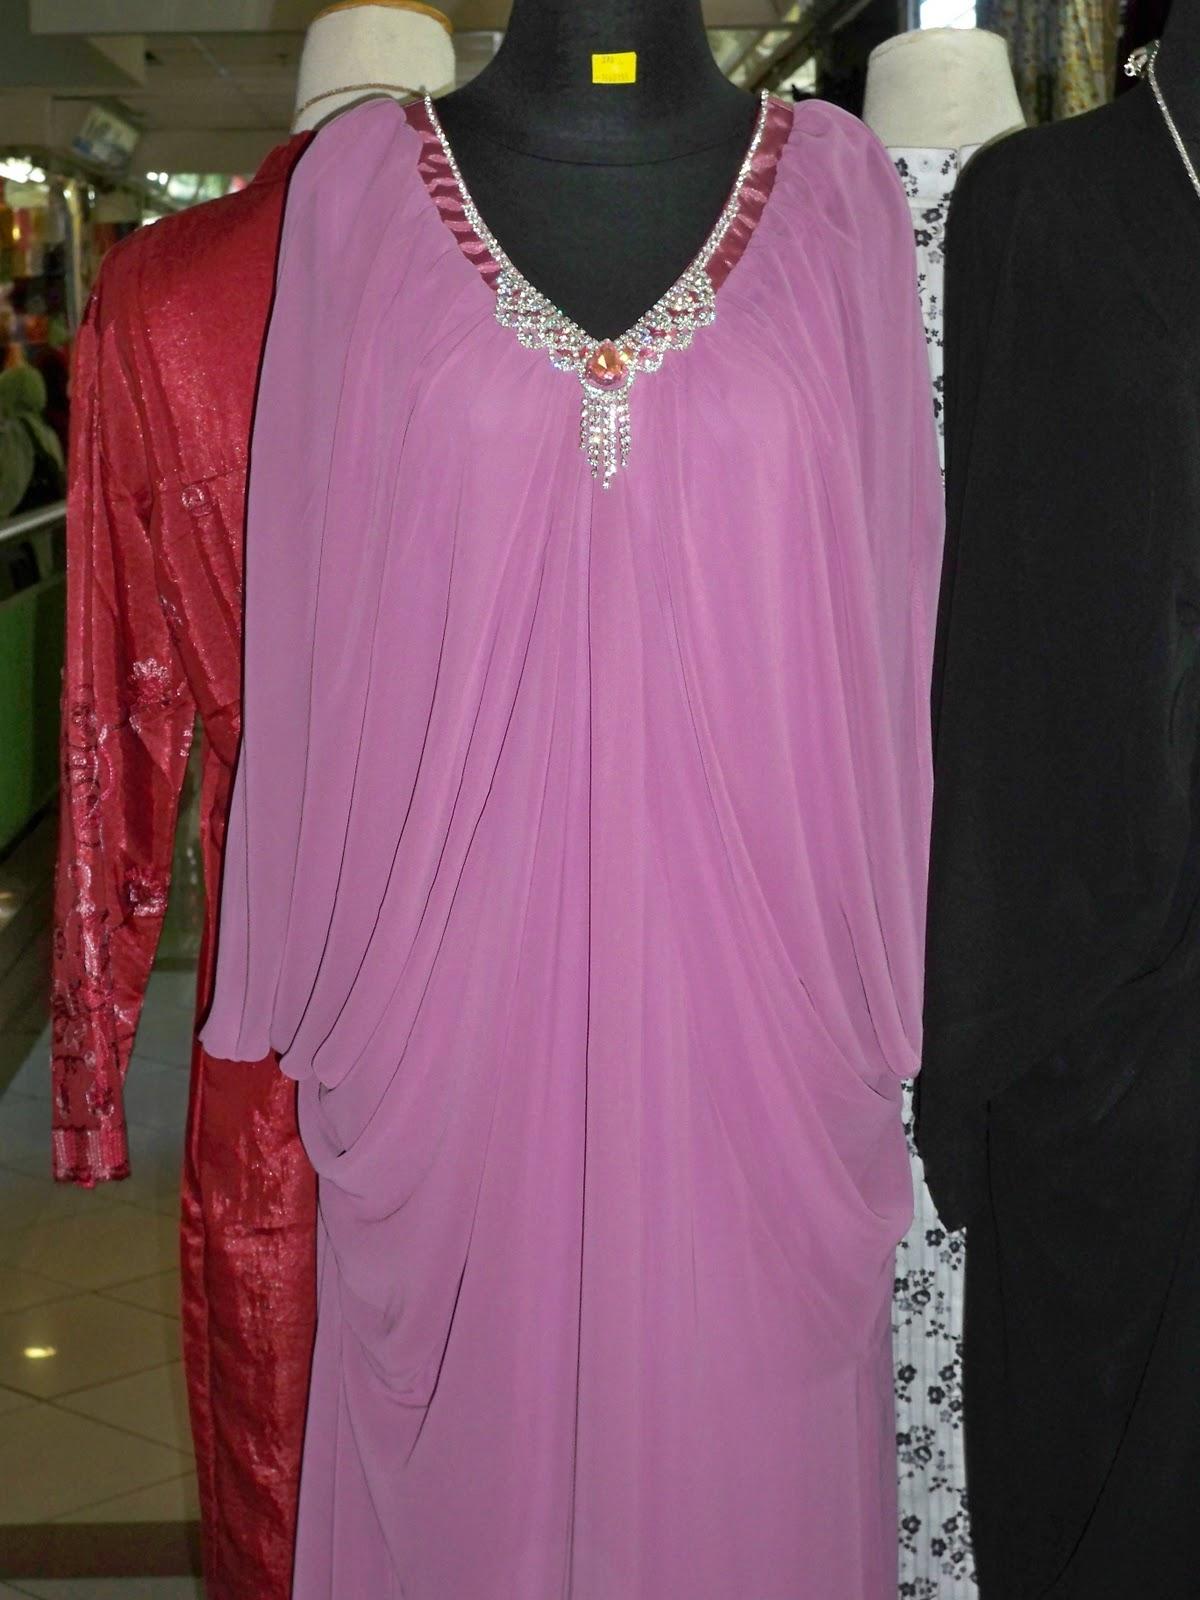 Koleksi Baju Toko Arserio Pic Koleksi Baju Gaun Gamis Dan